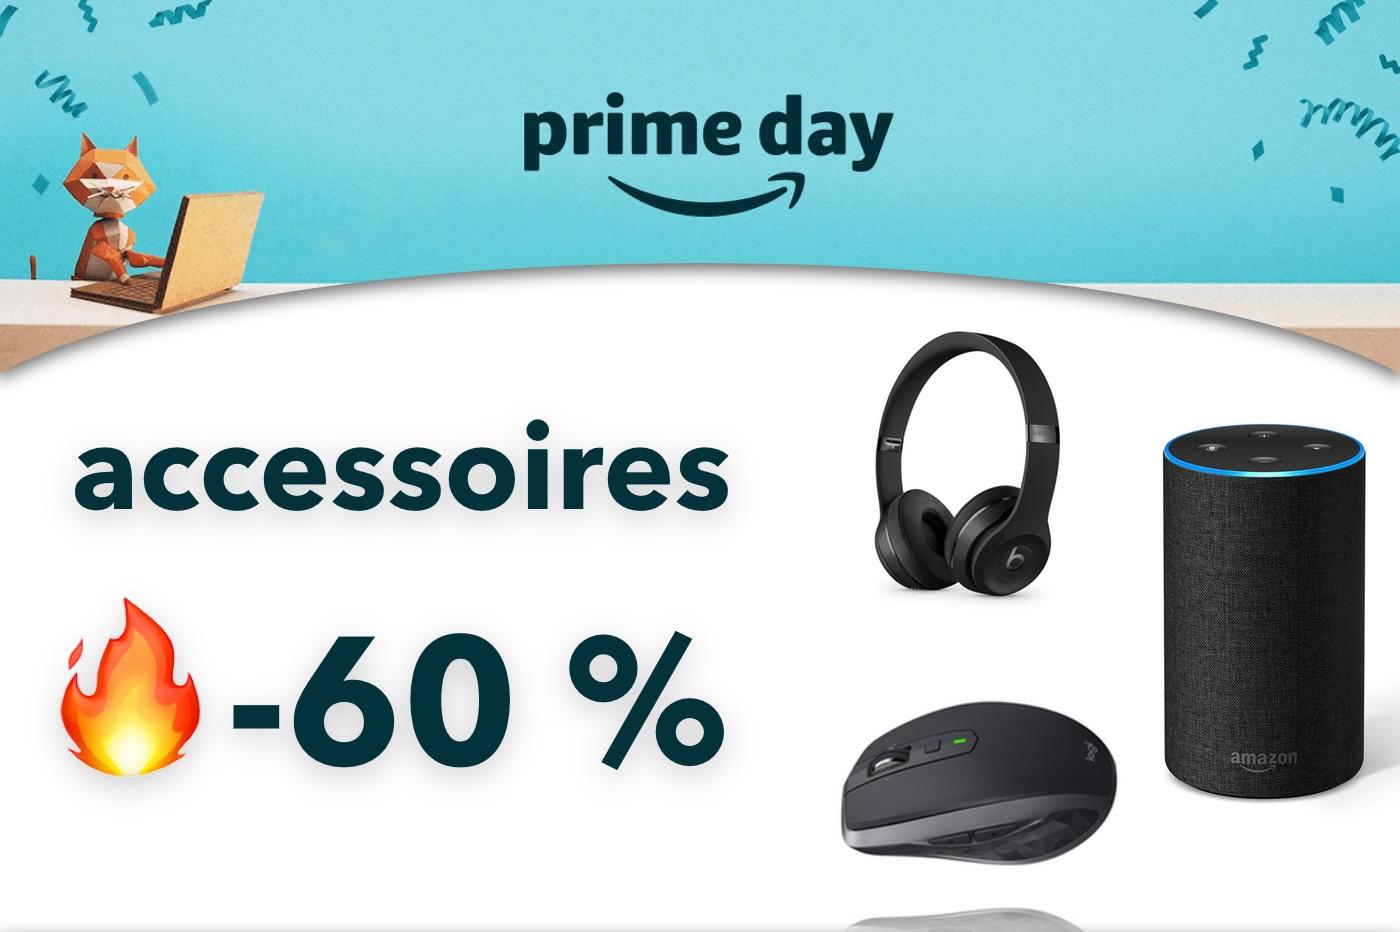 Amazon Prime Day : jusqu'à -63 % sur ces accessoires Apple, Logitech, Echo, Beats, etc. 1